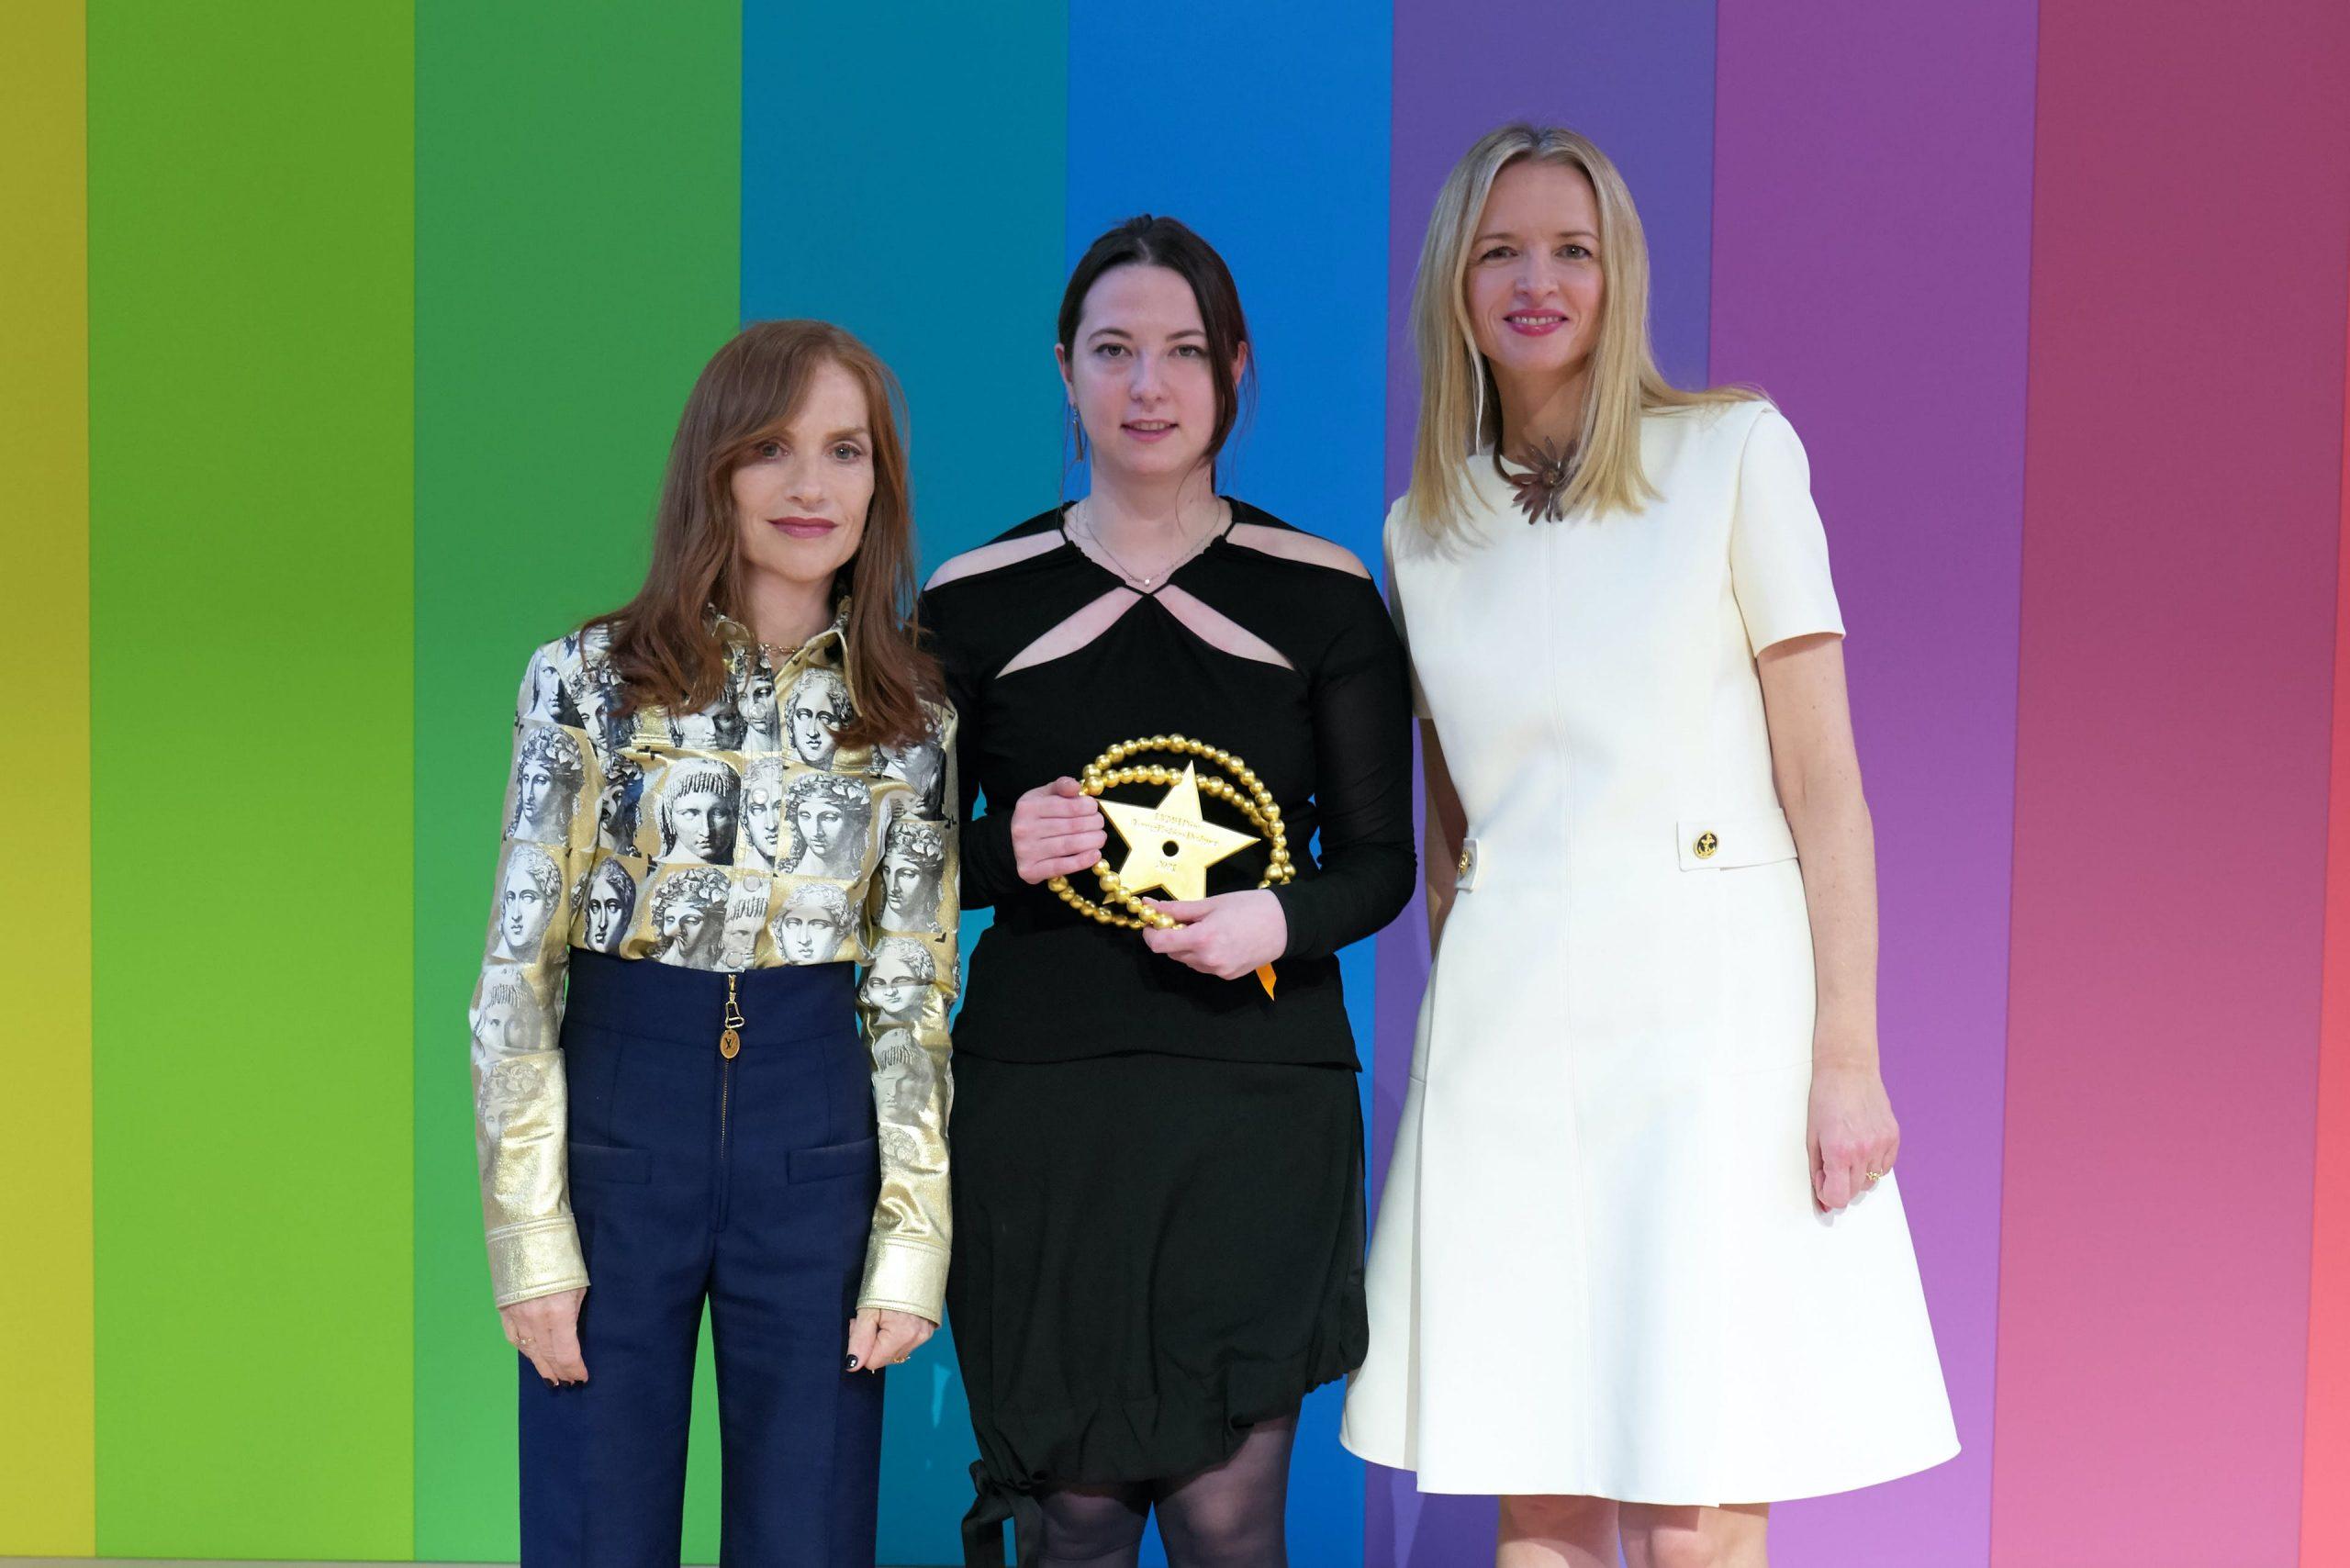 Công bố người thắng cuộc giải thời trang LVMH